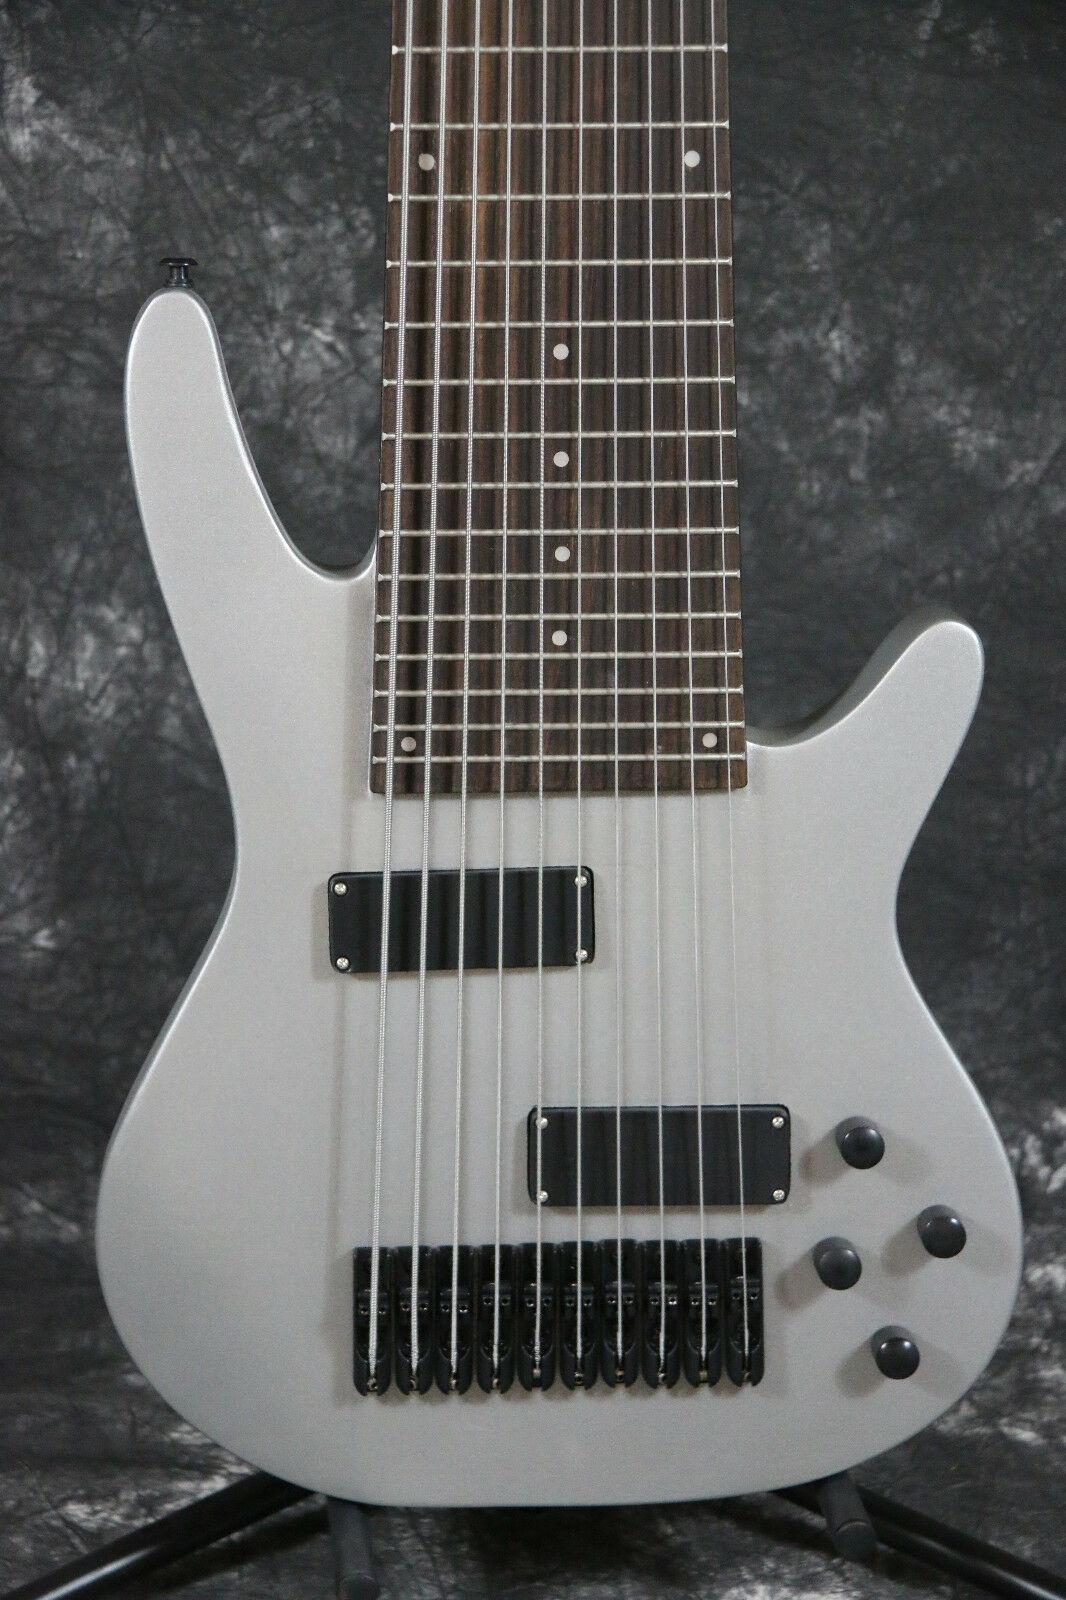 Starshine SR-MBS-10Q 10strings basso elettrico chitarra al collo attraverso il corpo più colore